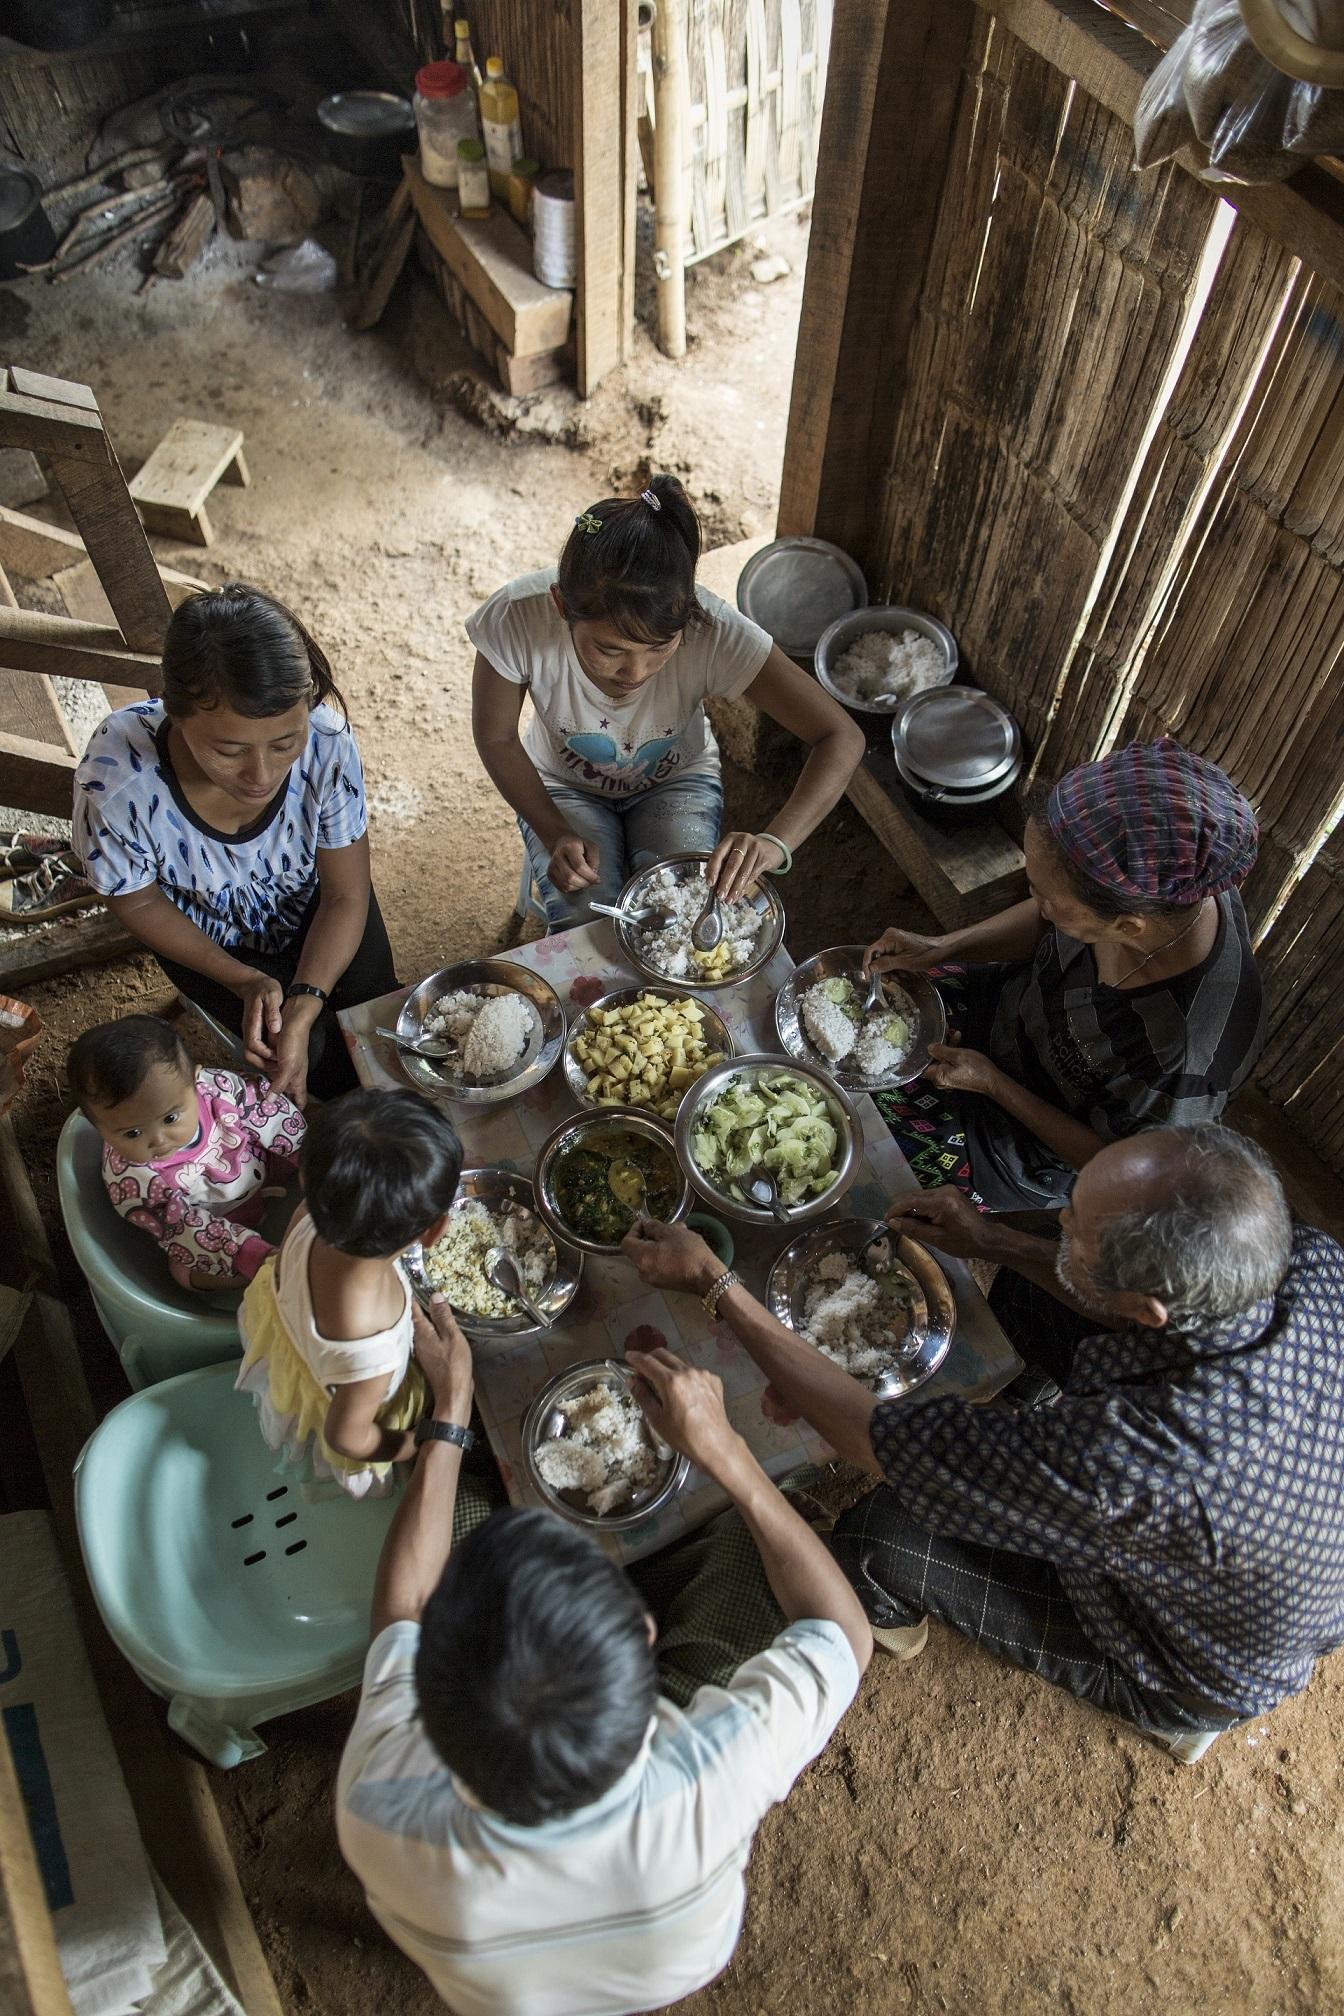 WFP (World Food Programme) - The Family Meal The Family Meal è un progetto fotografico realizzato dal Programma Alimentare Mondiale (WFP) e il Dipartimento di Aiuti Umanitari e protezione civile della Commissione Europea (ECHO) con foto di Chris Terry scattate in Ciad, Birmania, Ecuador, Niger e Giordania, visitando le famiglie assistite dal WFP con il sostegno di ECHO, su un tema: cosa significa un pasto in famiglia?